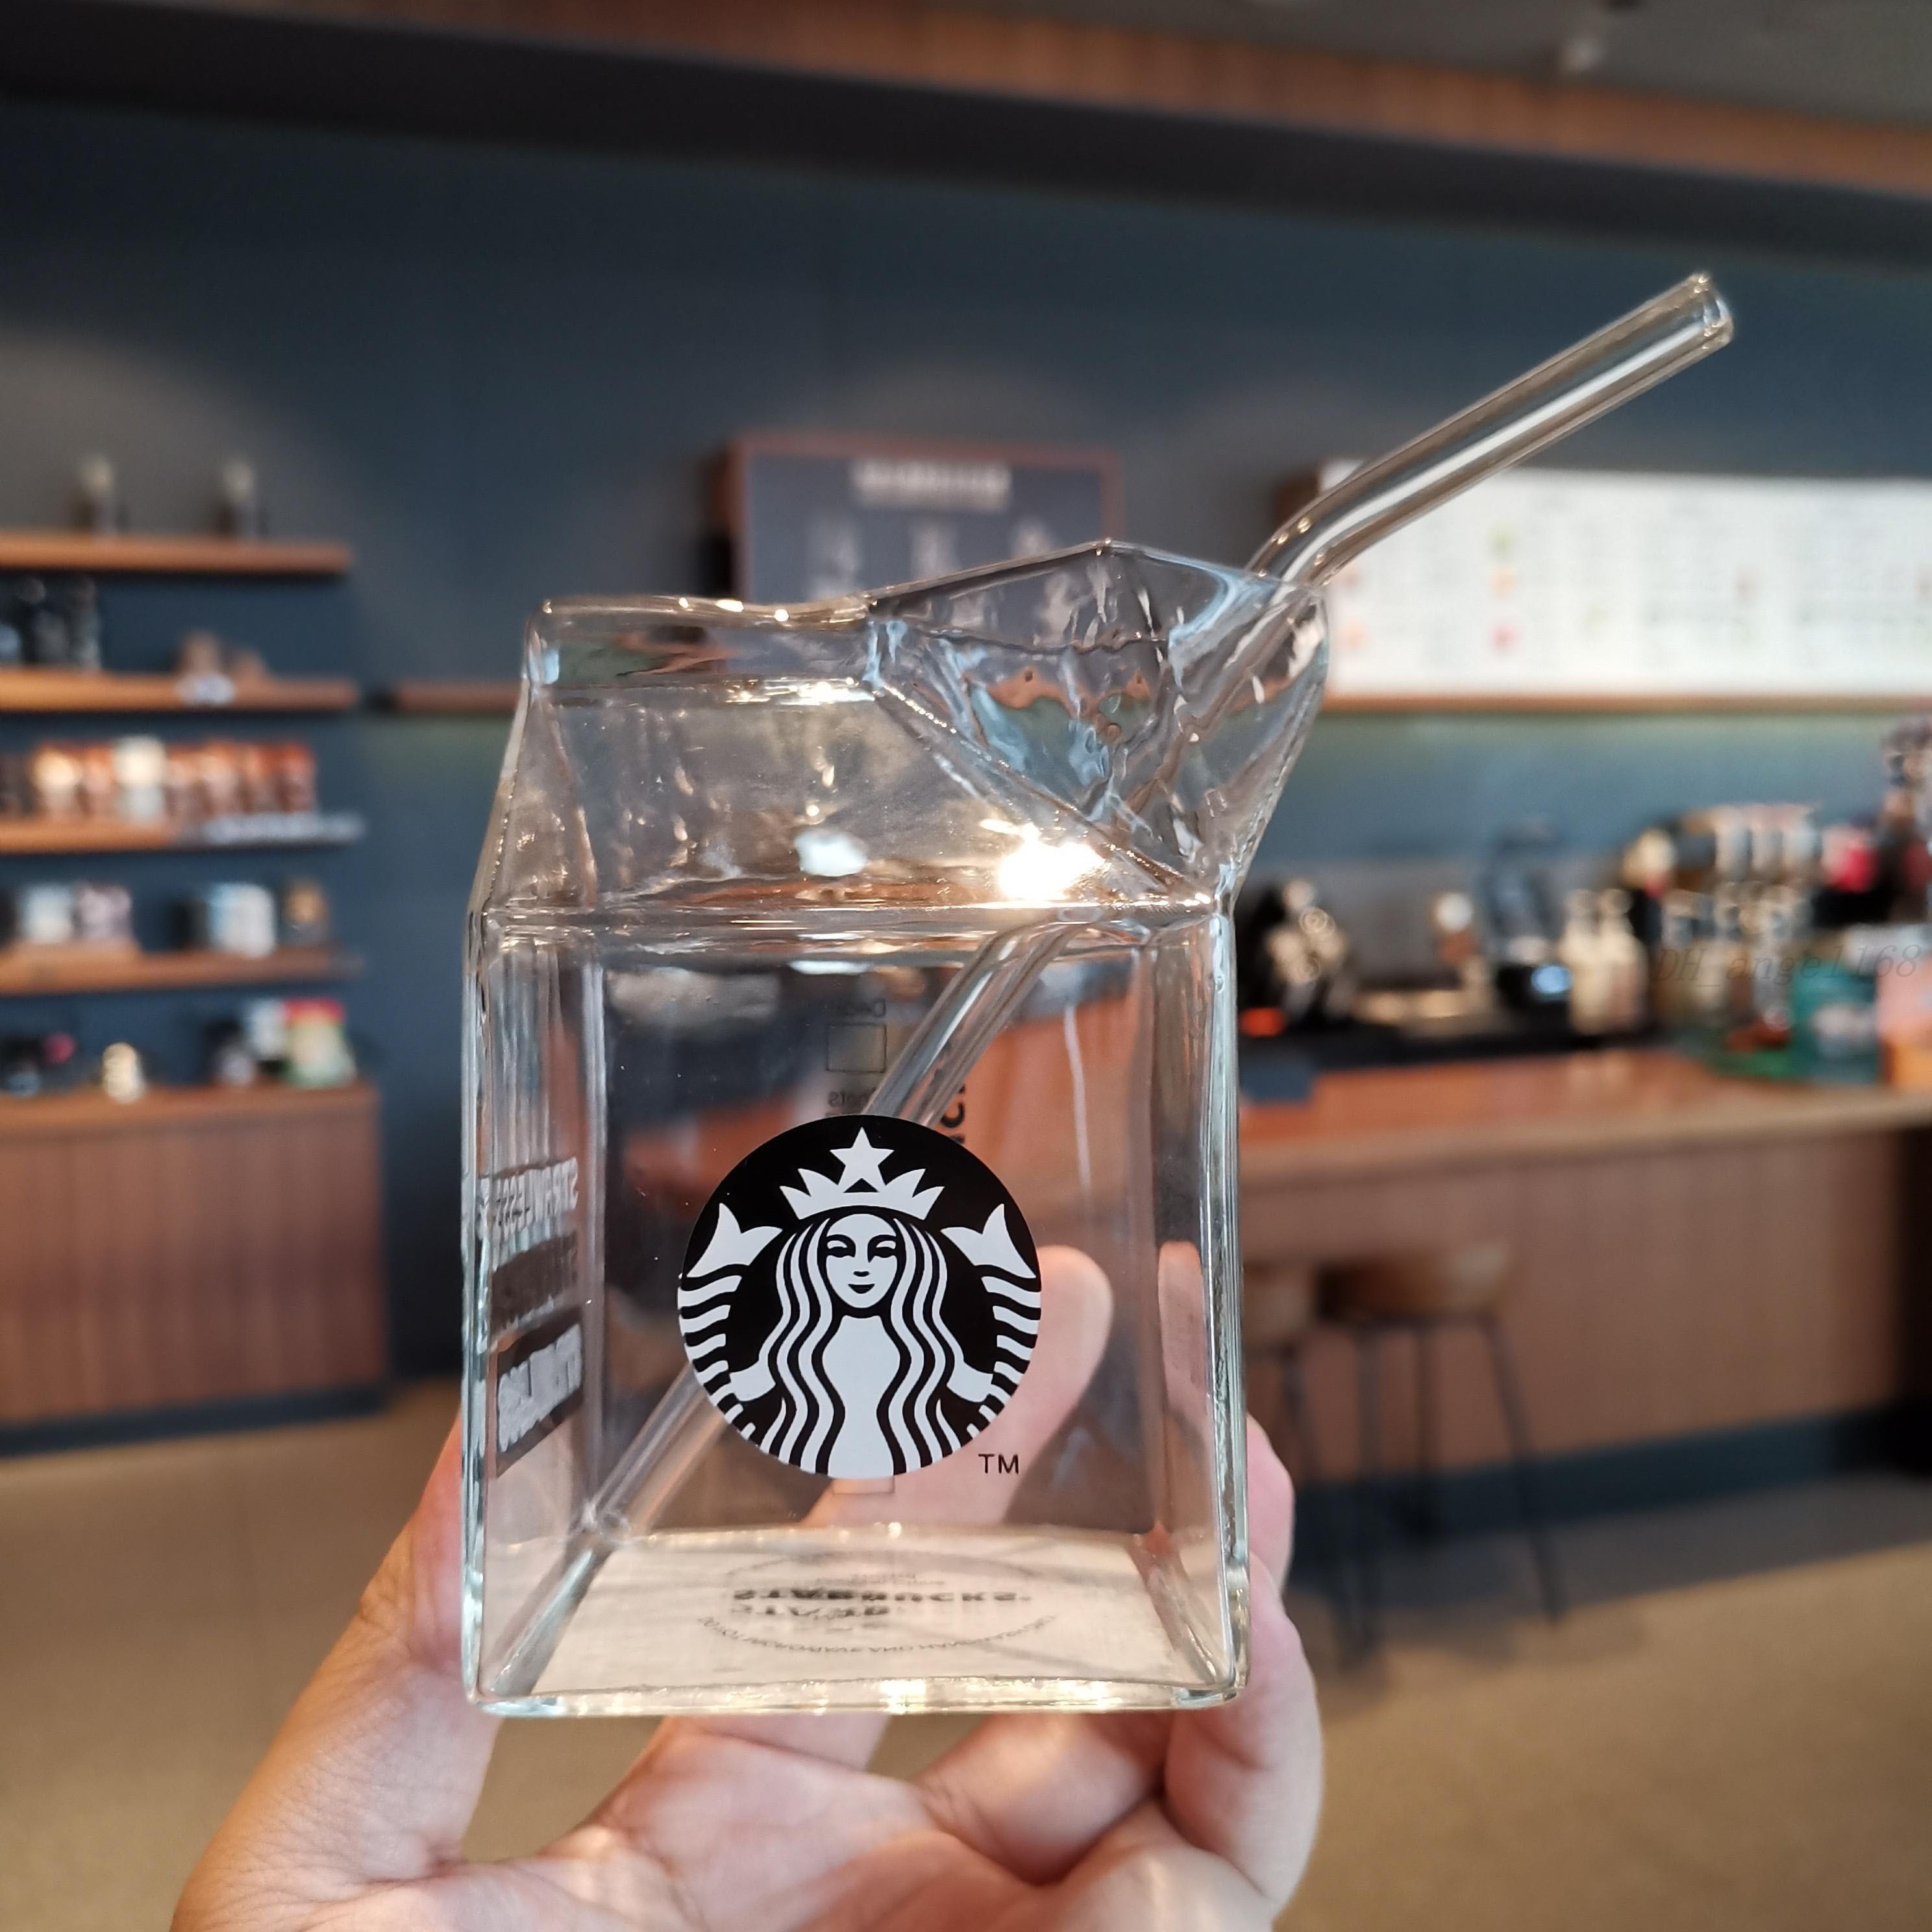 NUOVO ULTIMO 13.5OZ Luminoso Starbucks Starbucks Glass Bicchiere Trasparente Scatola di latte Apertura con cannuccette da bevanda fredda Succo Tazza di caffè Coppa da caffè 24 once doppio strato tazze di plastica